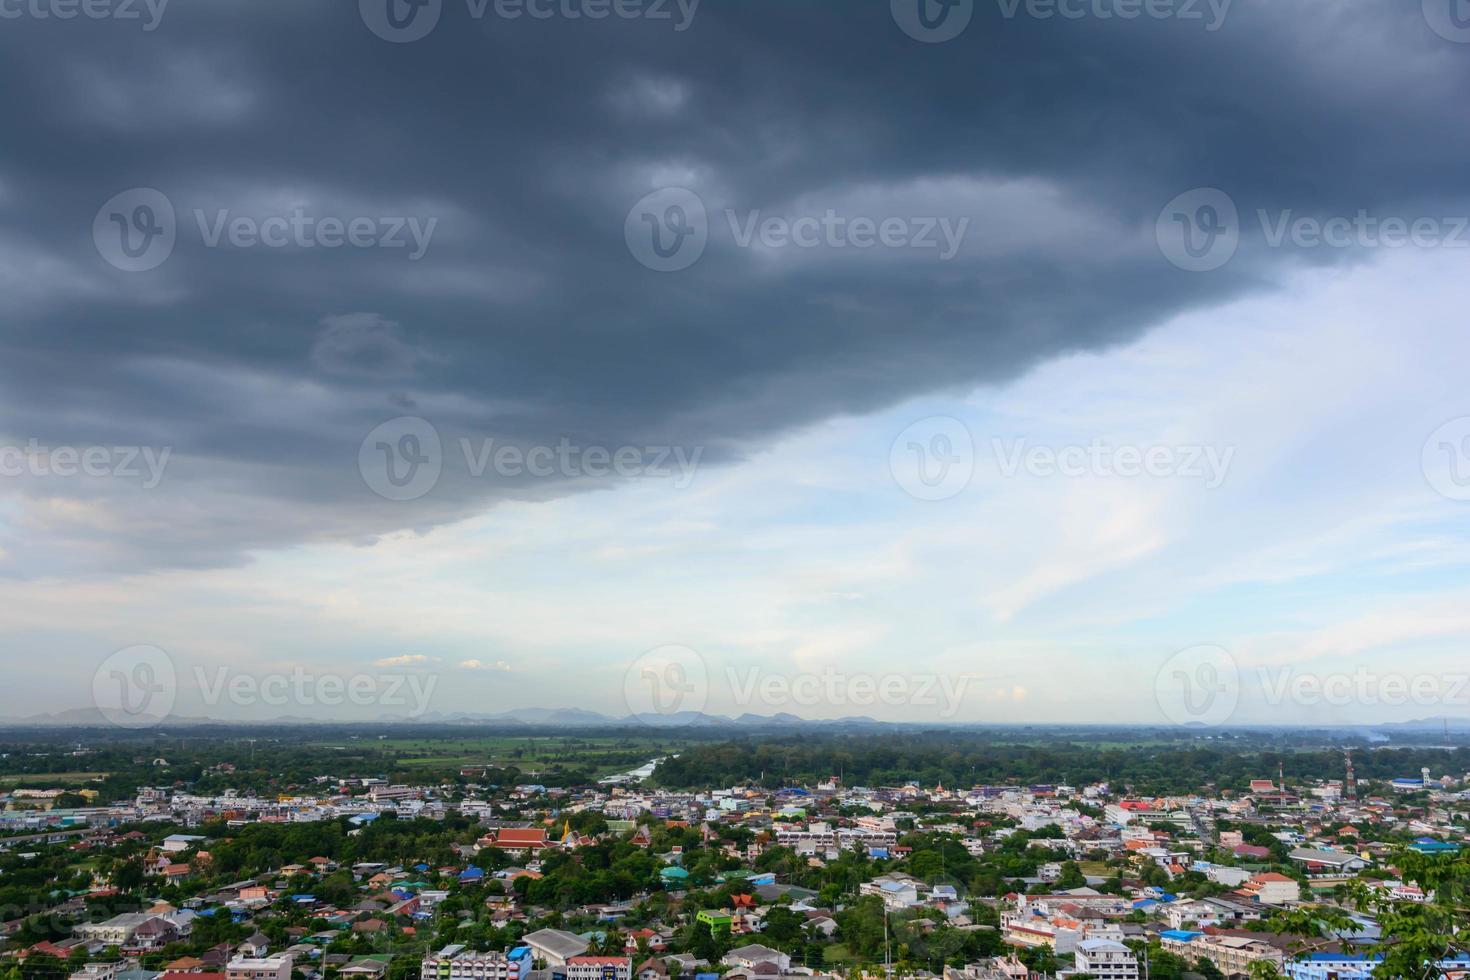 de storm broeide over de stad. foto